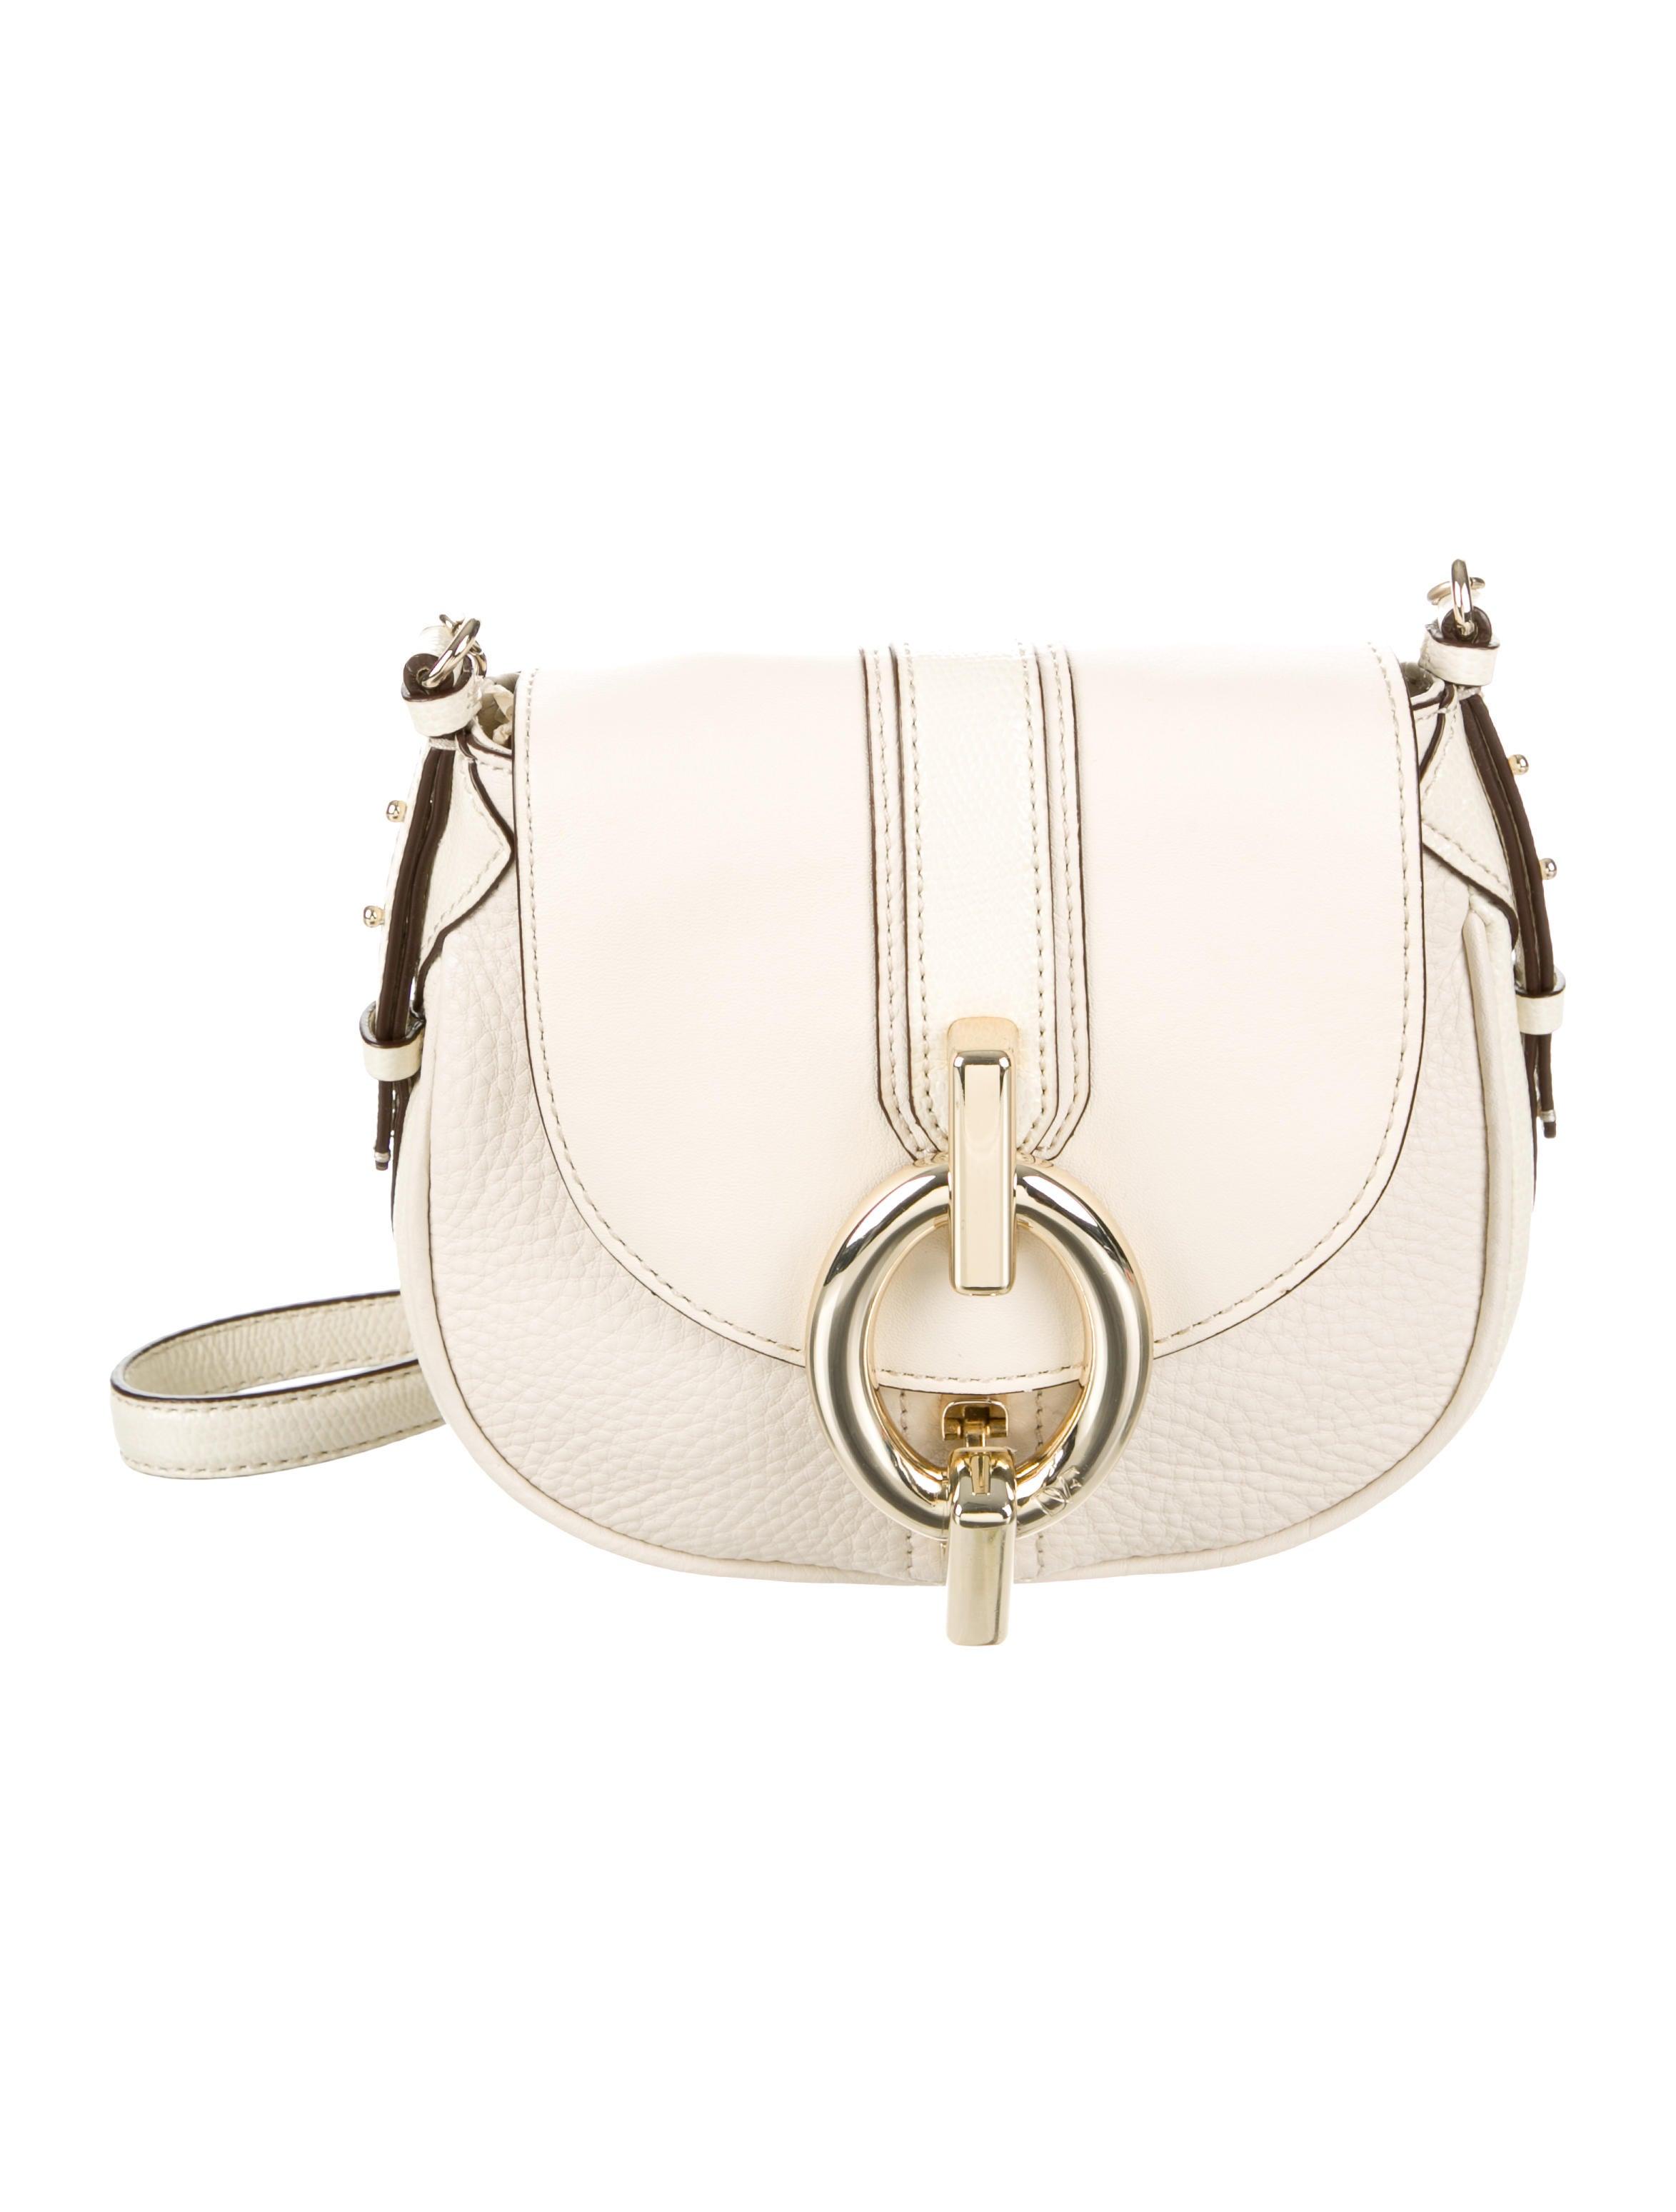 02c6fb7c4fc6 Diane von Furstenberg Sutra Mini Crossbody Bag - Handbags - WDI98475 ...